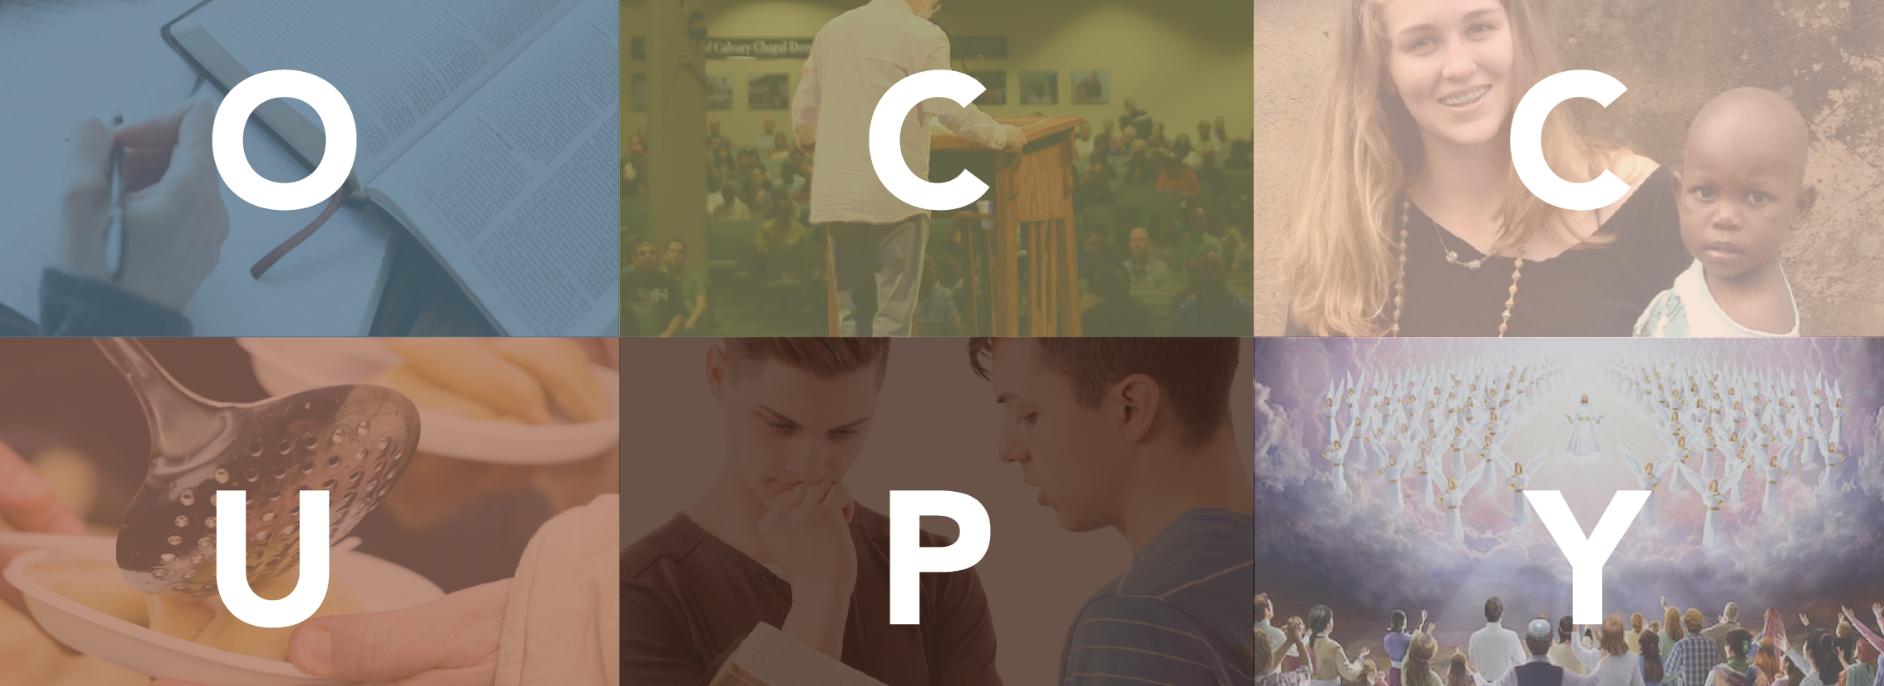 CC Los Angeles Regional Pastors Conference 2019